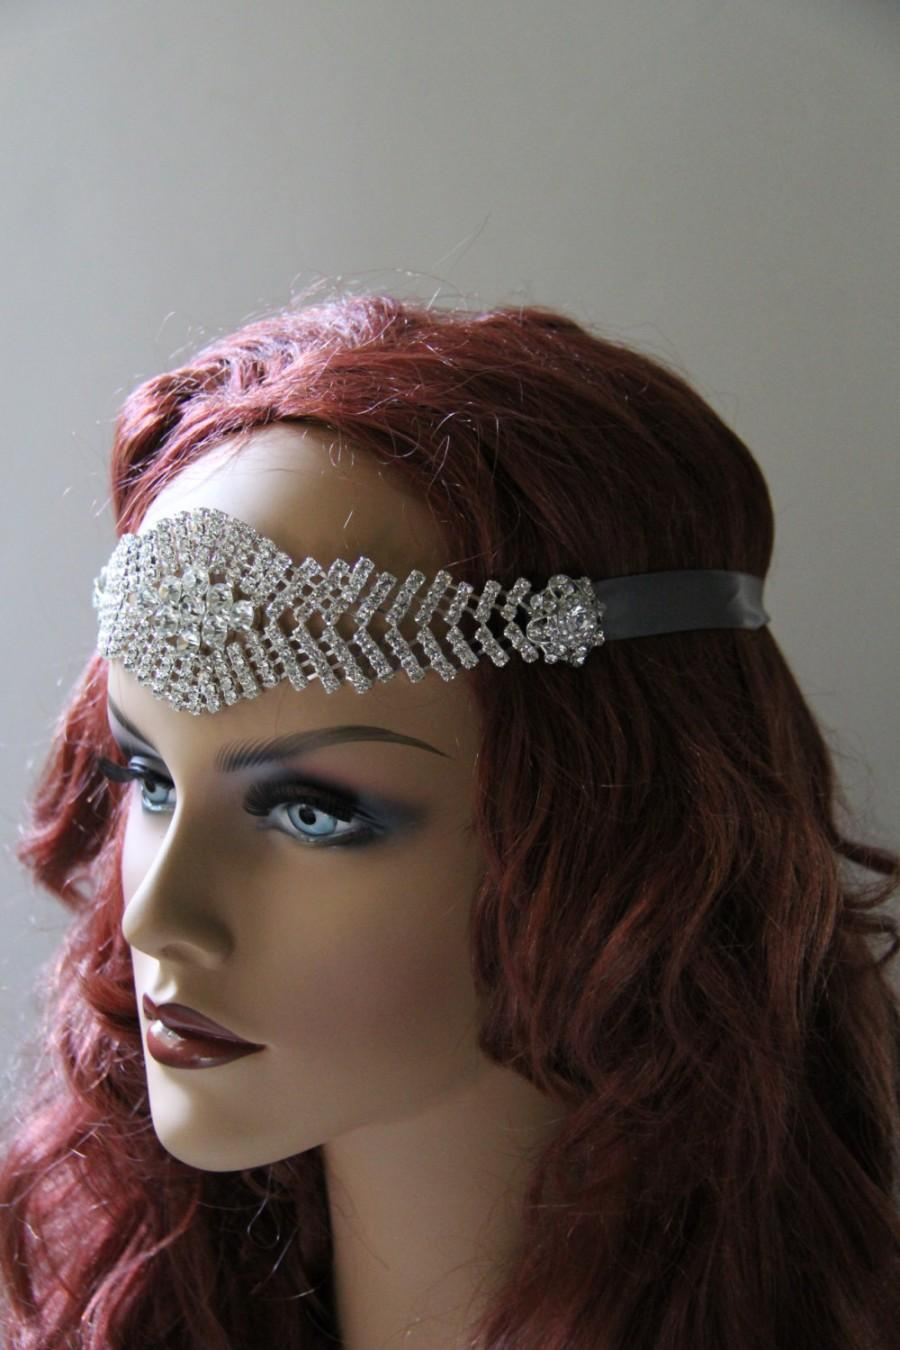 Mariage - Great Gatsby Headpiece Rhinestone Bridal Headpiece - 1920s Wedding